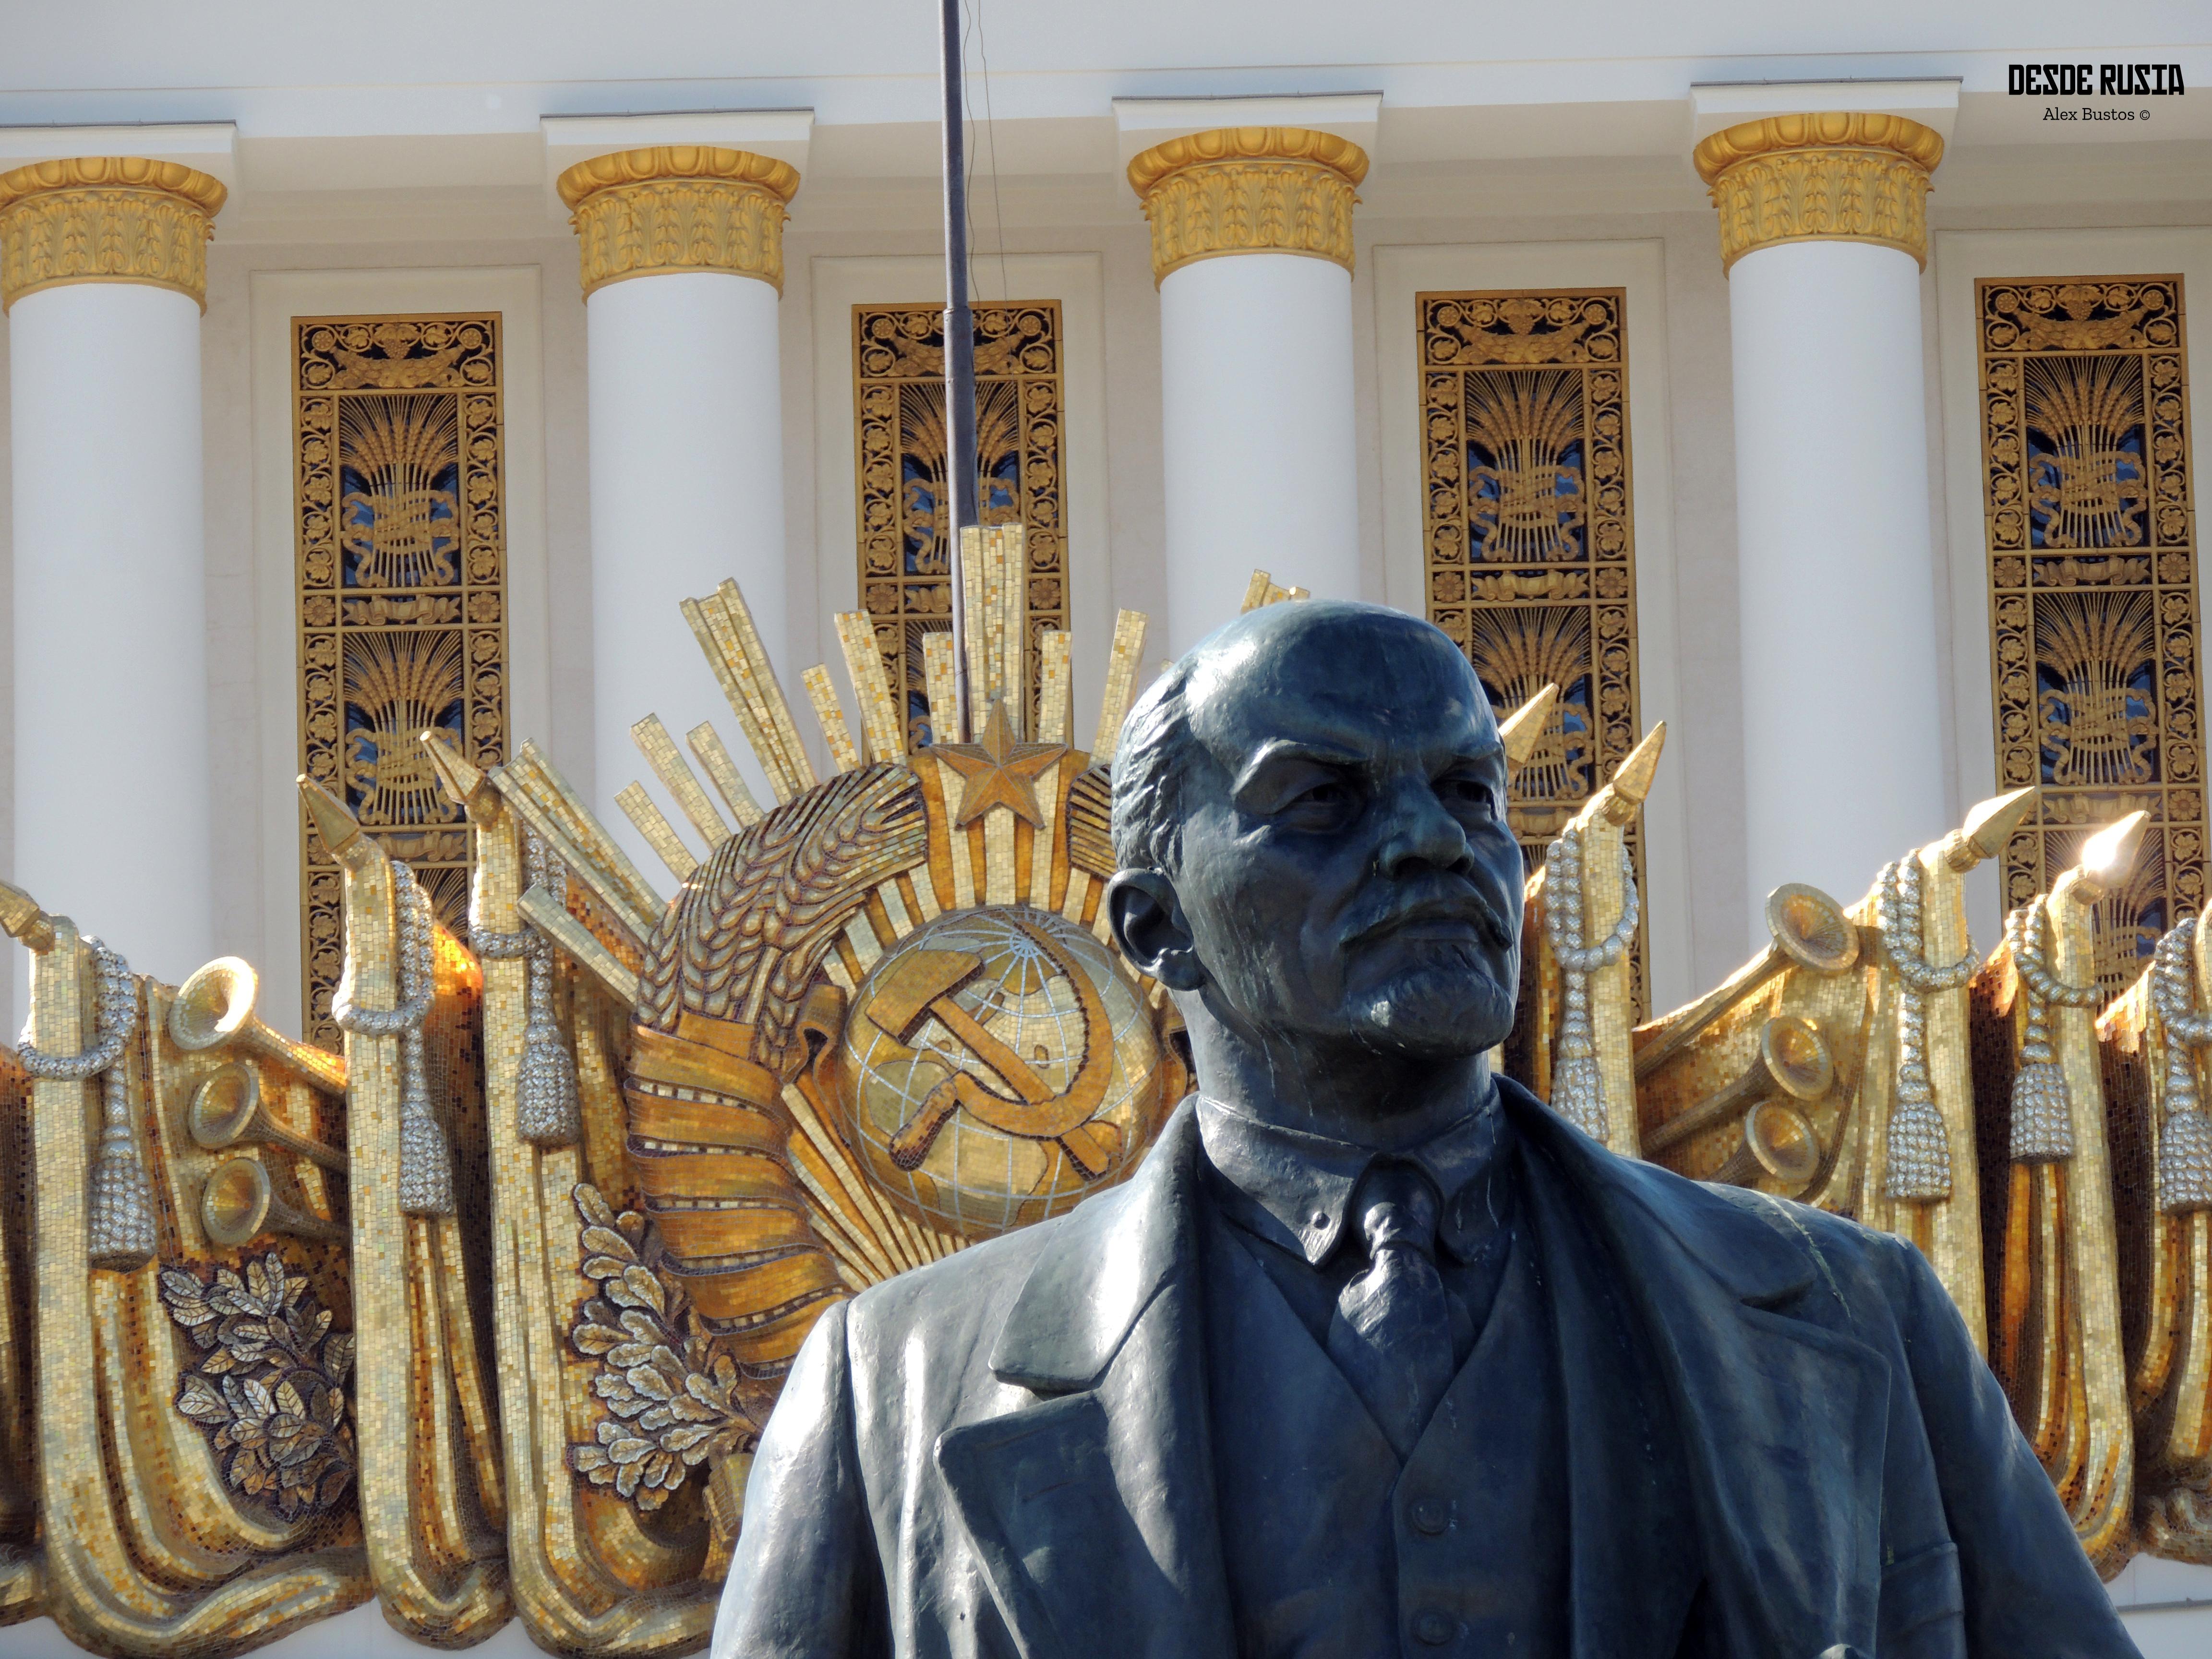 Estatua Lenin Parque VDNKh